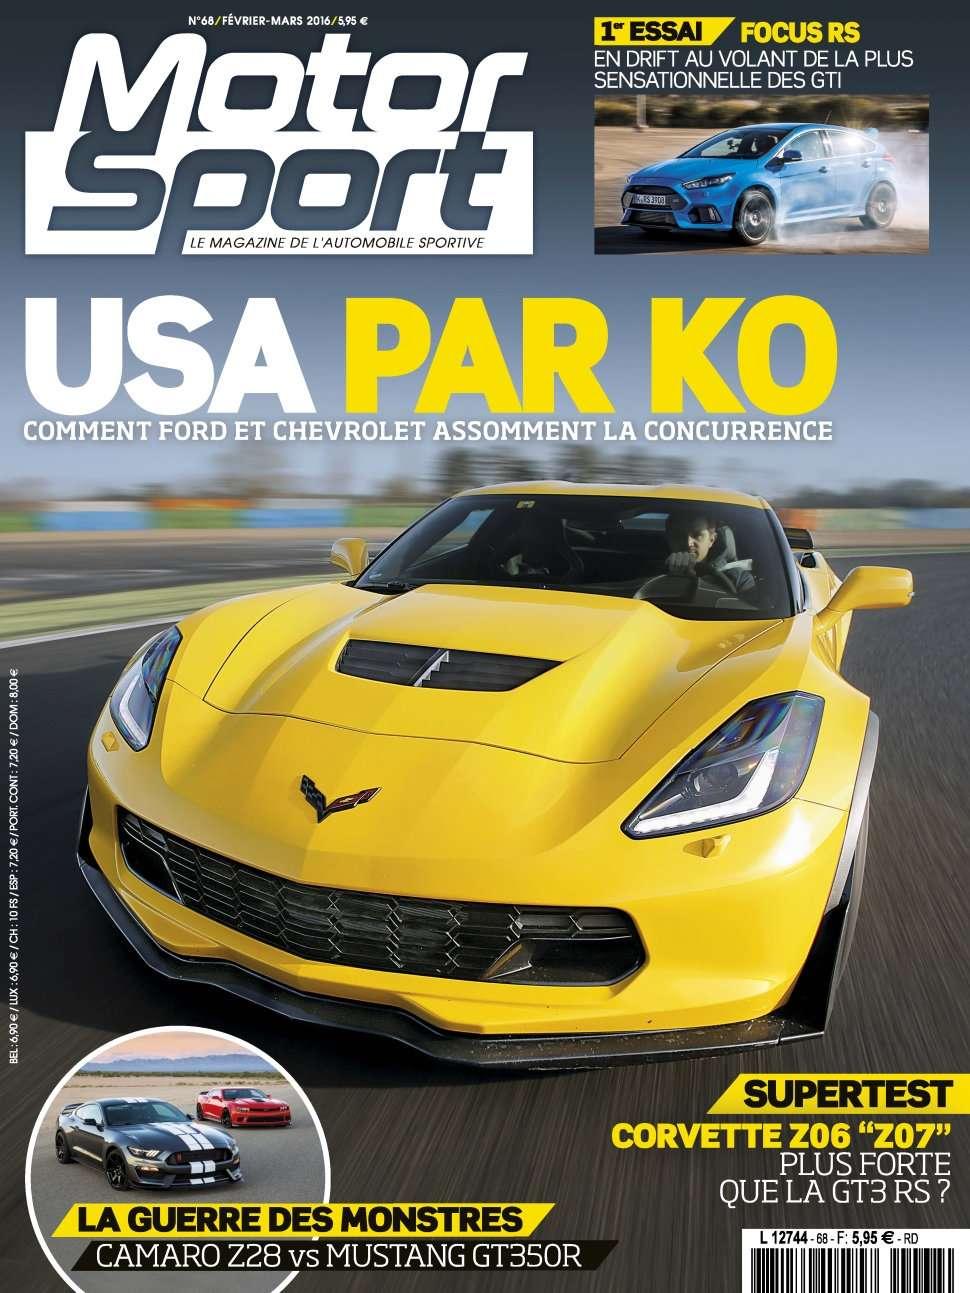 Motorsport 68 - Fevrier/Mars 2016